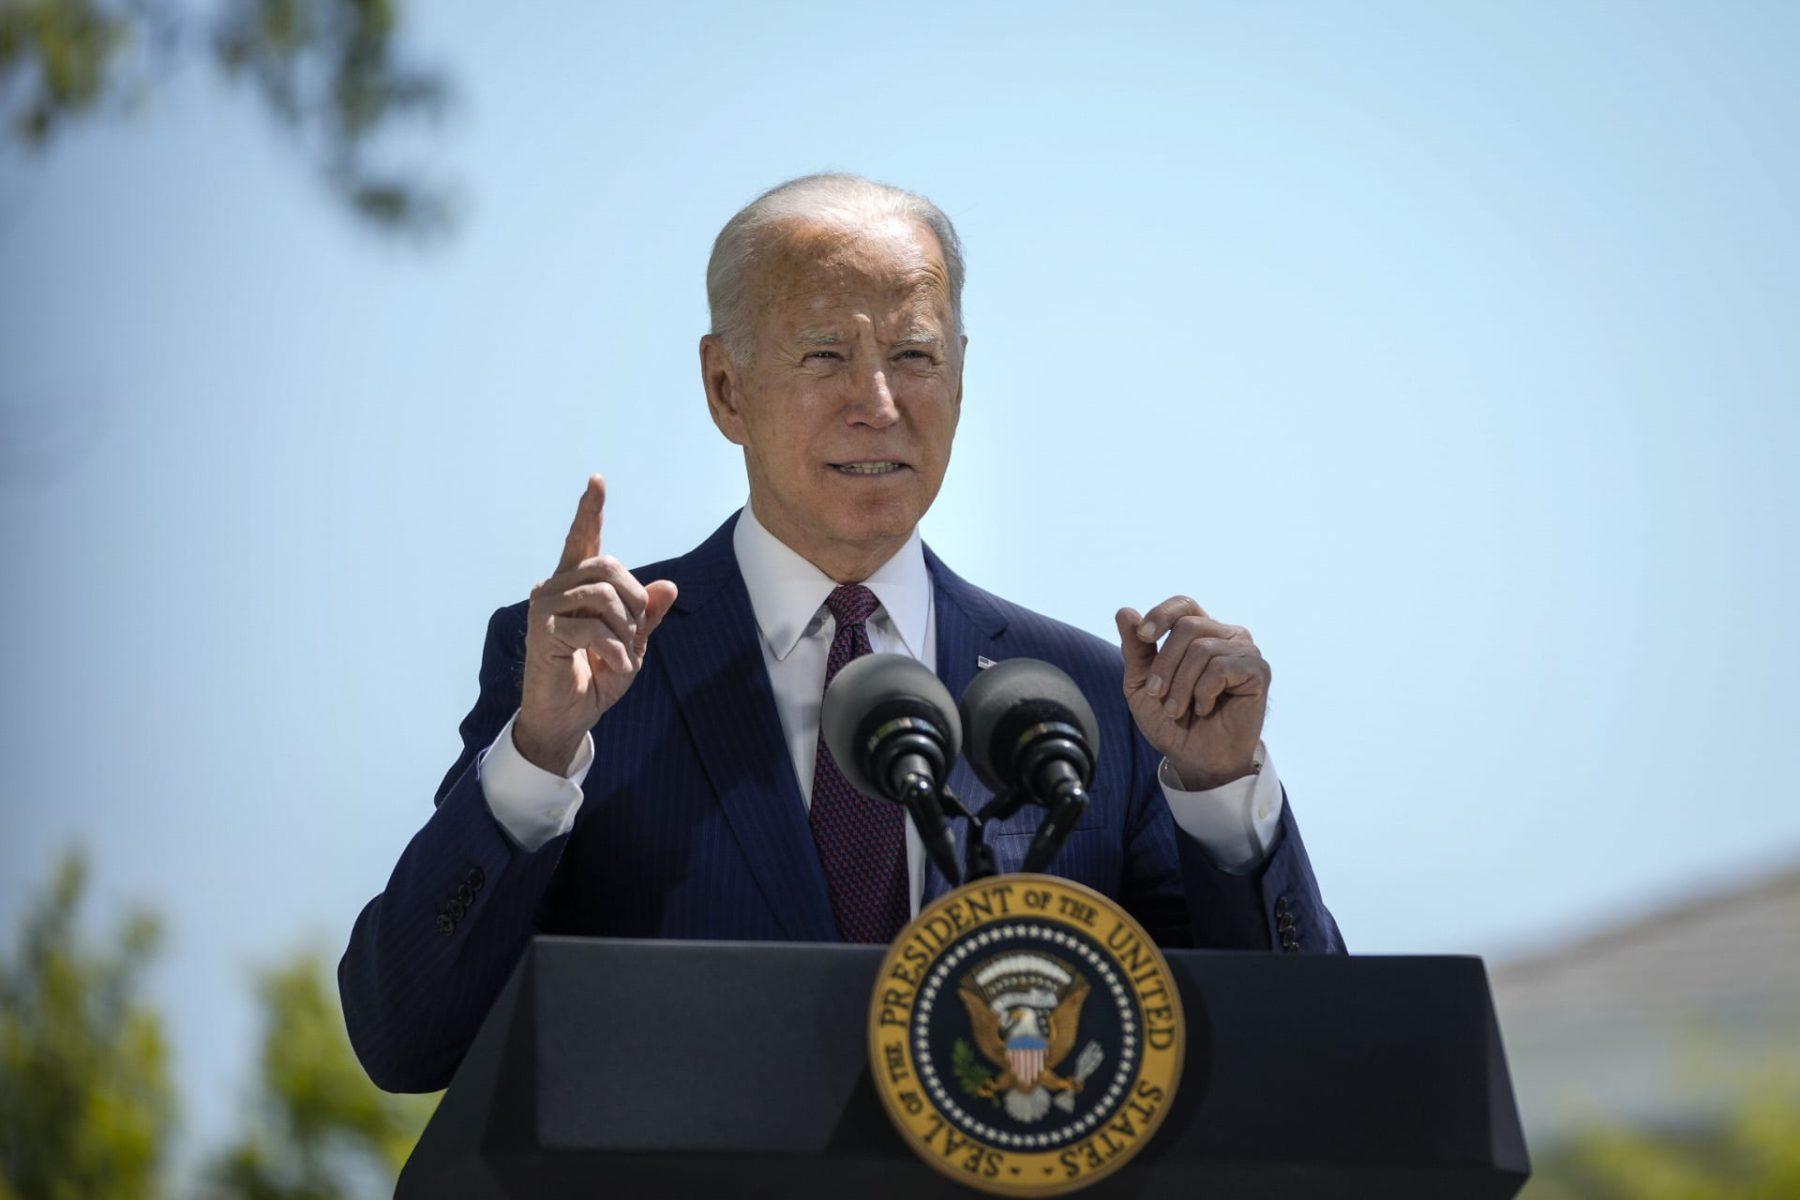 Joe Biden speaks outside the White House